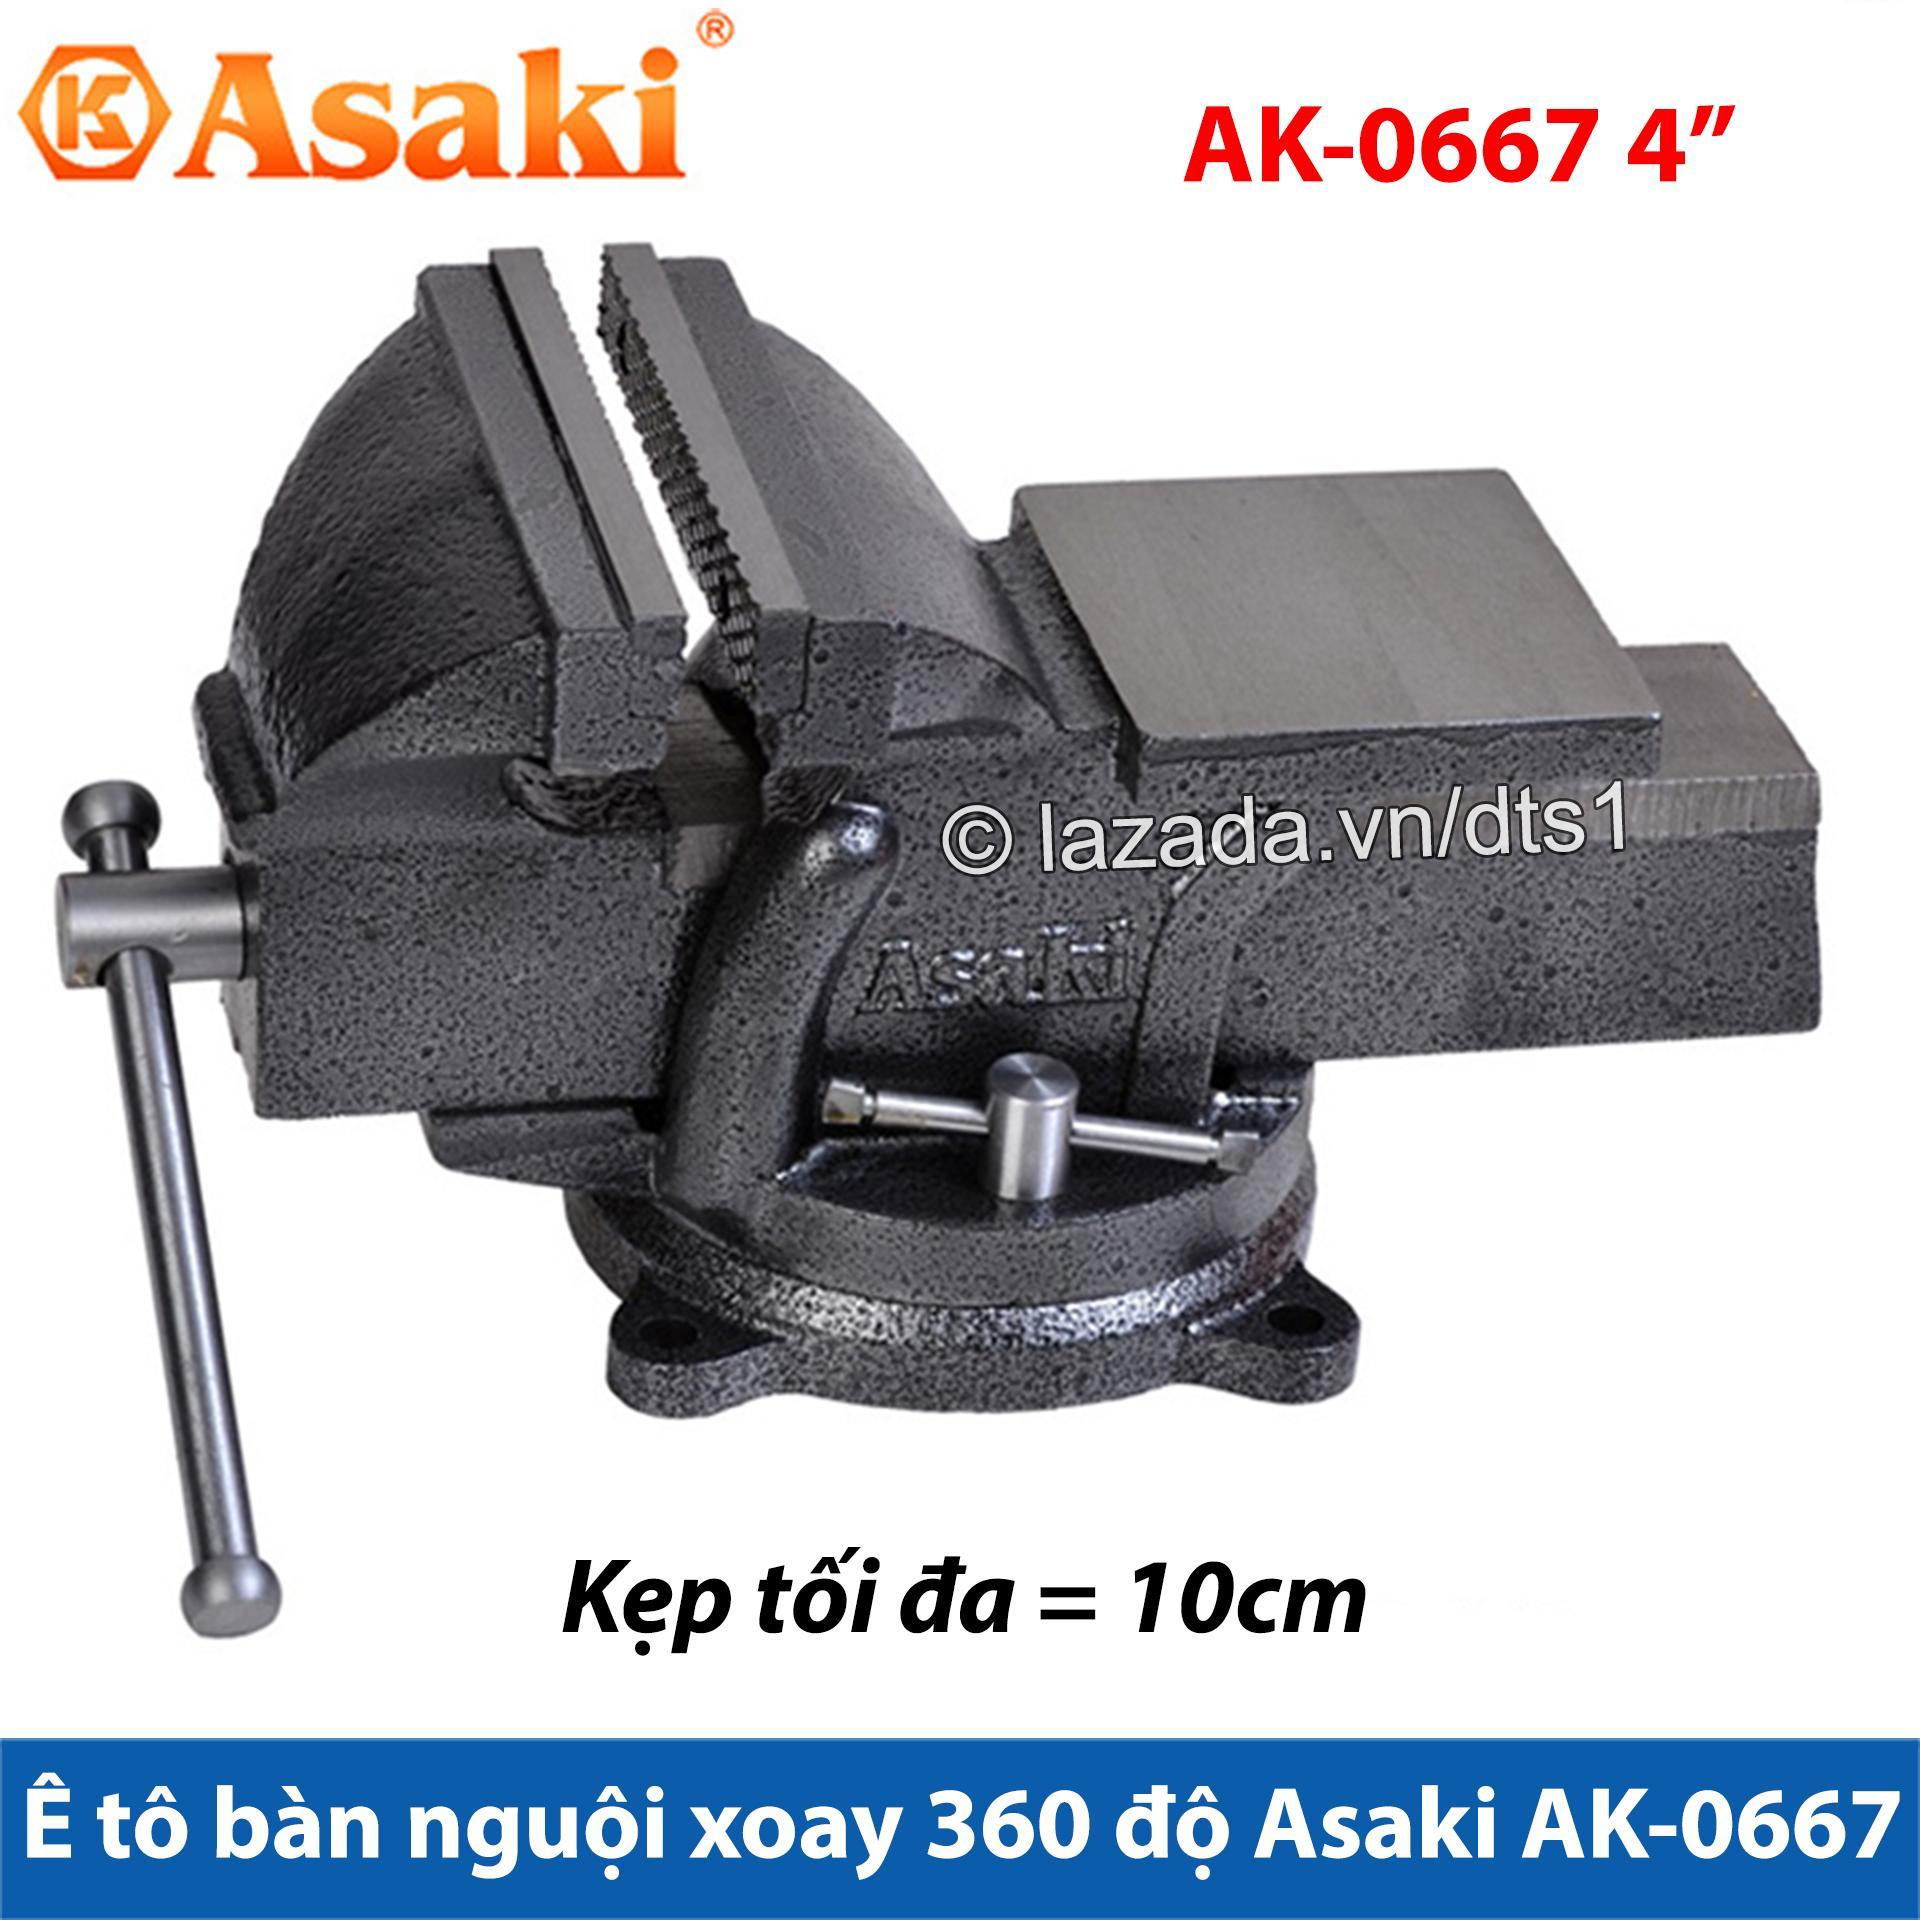 Ê tô bàn nguội xoay 360° Asaki AK-0667 4 - Khả năng kẹp 10cm AK-667